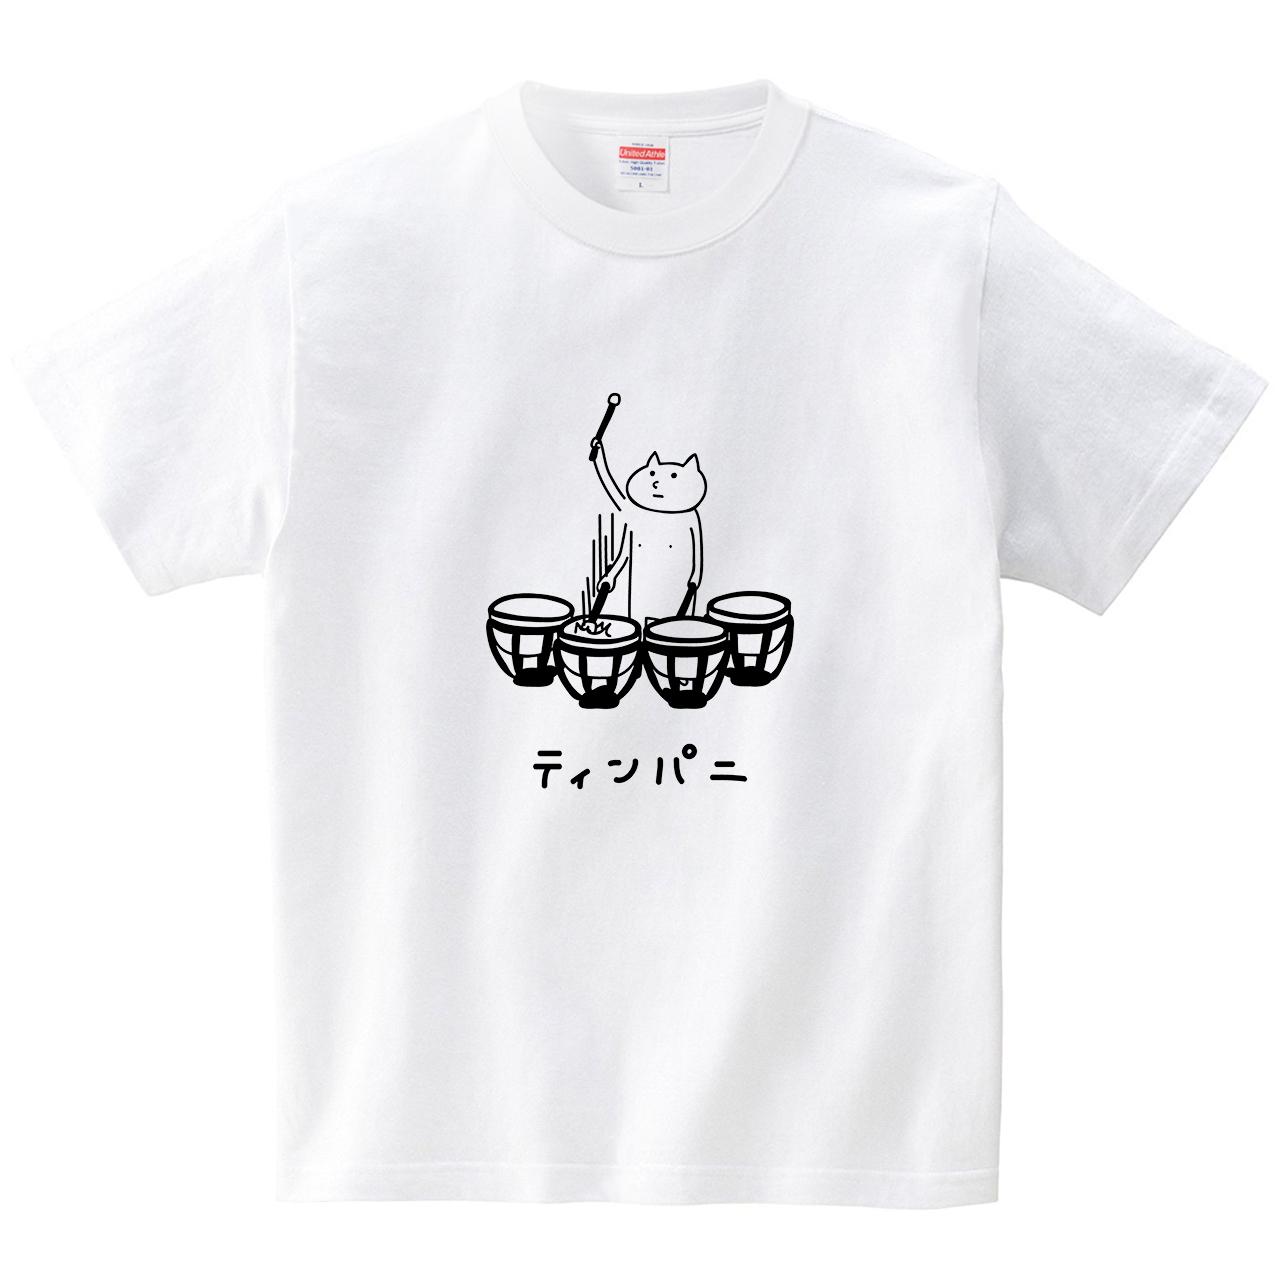 ティンパニとネコ(Tシャツ・ホワイト)(オワリ)